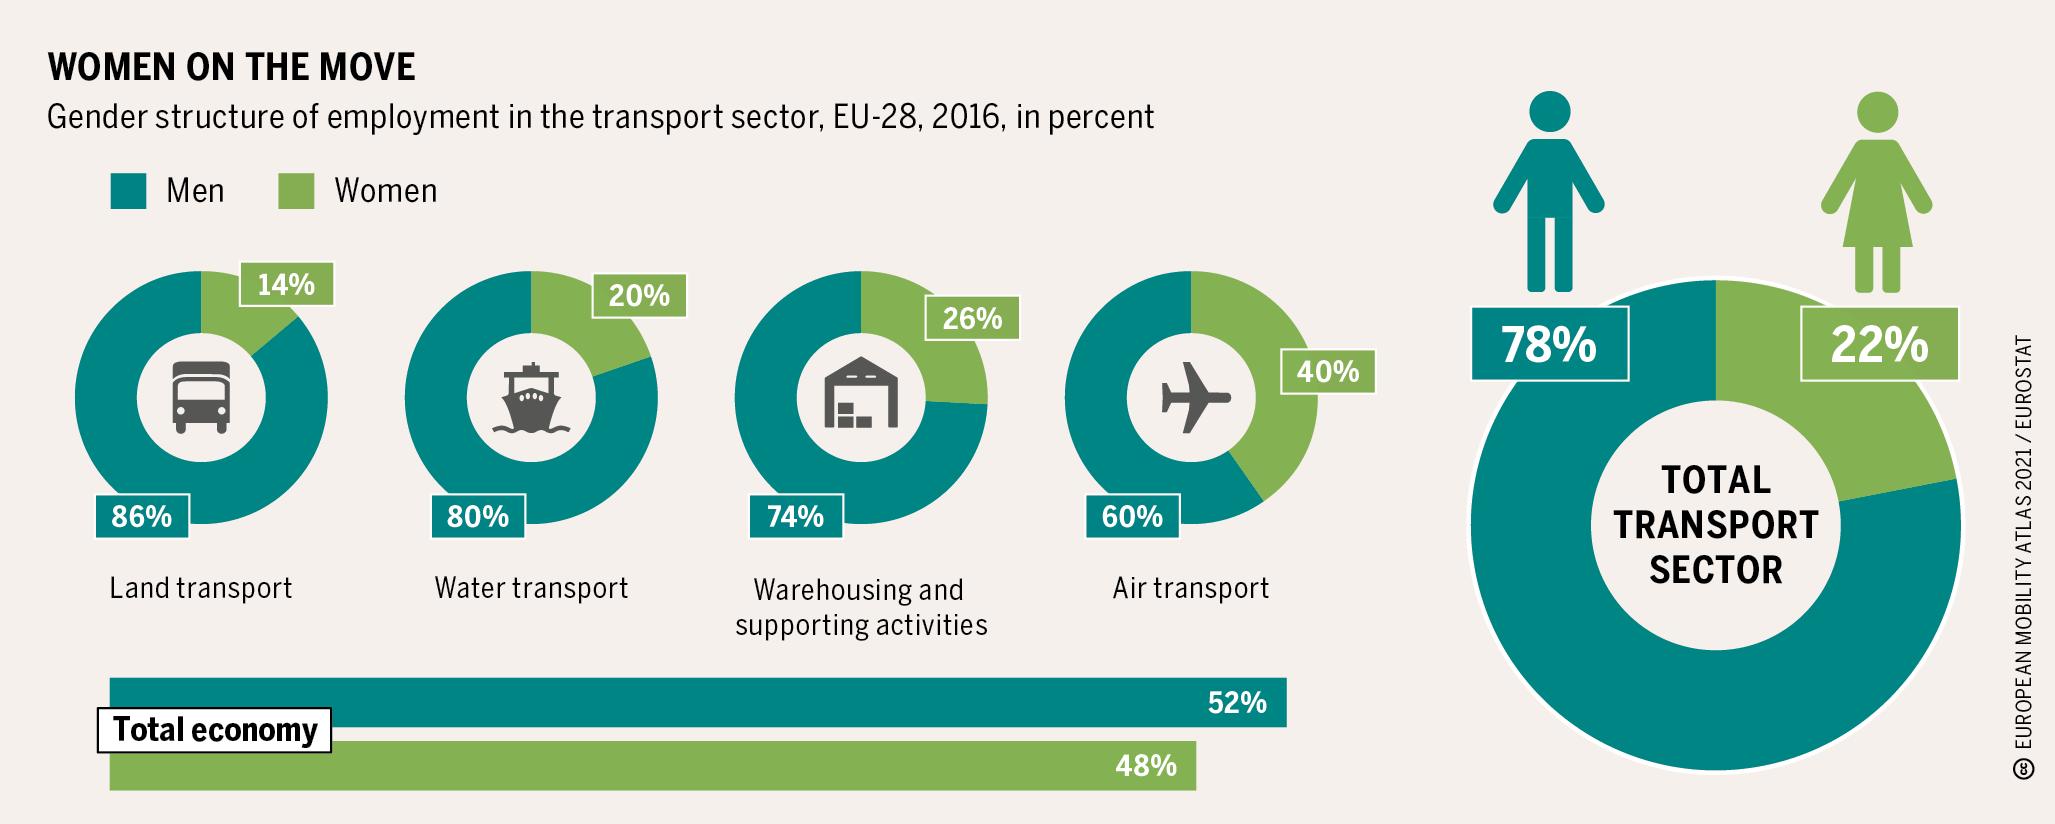 Die Grafik zeigt, dass nur 22 Prozent der Menschen im Transportsektor weiblich sind.